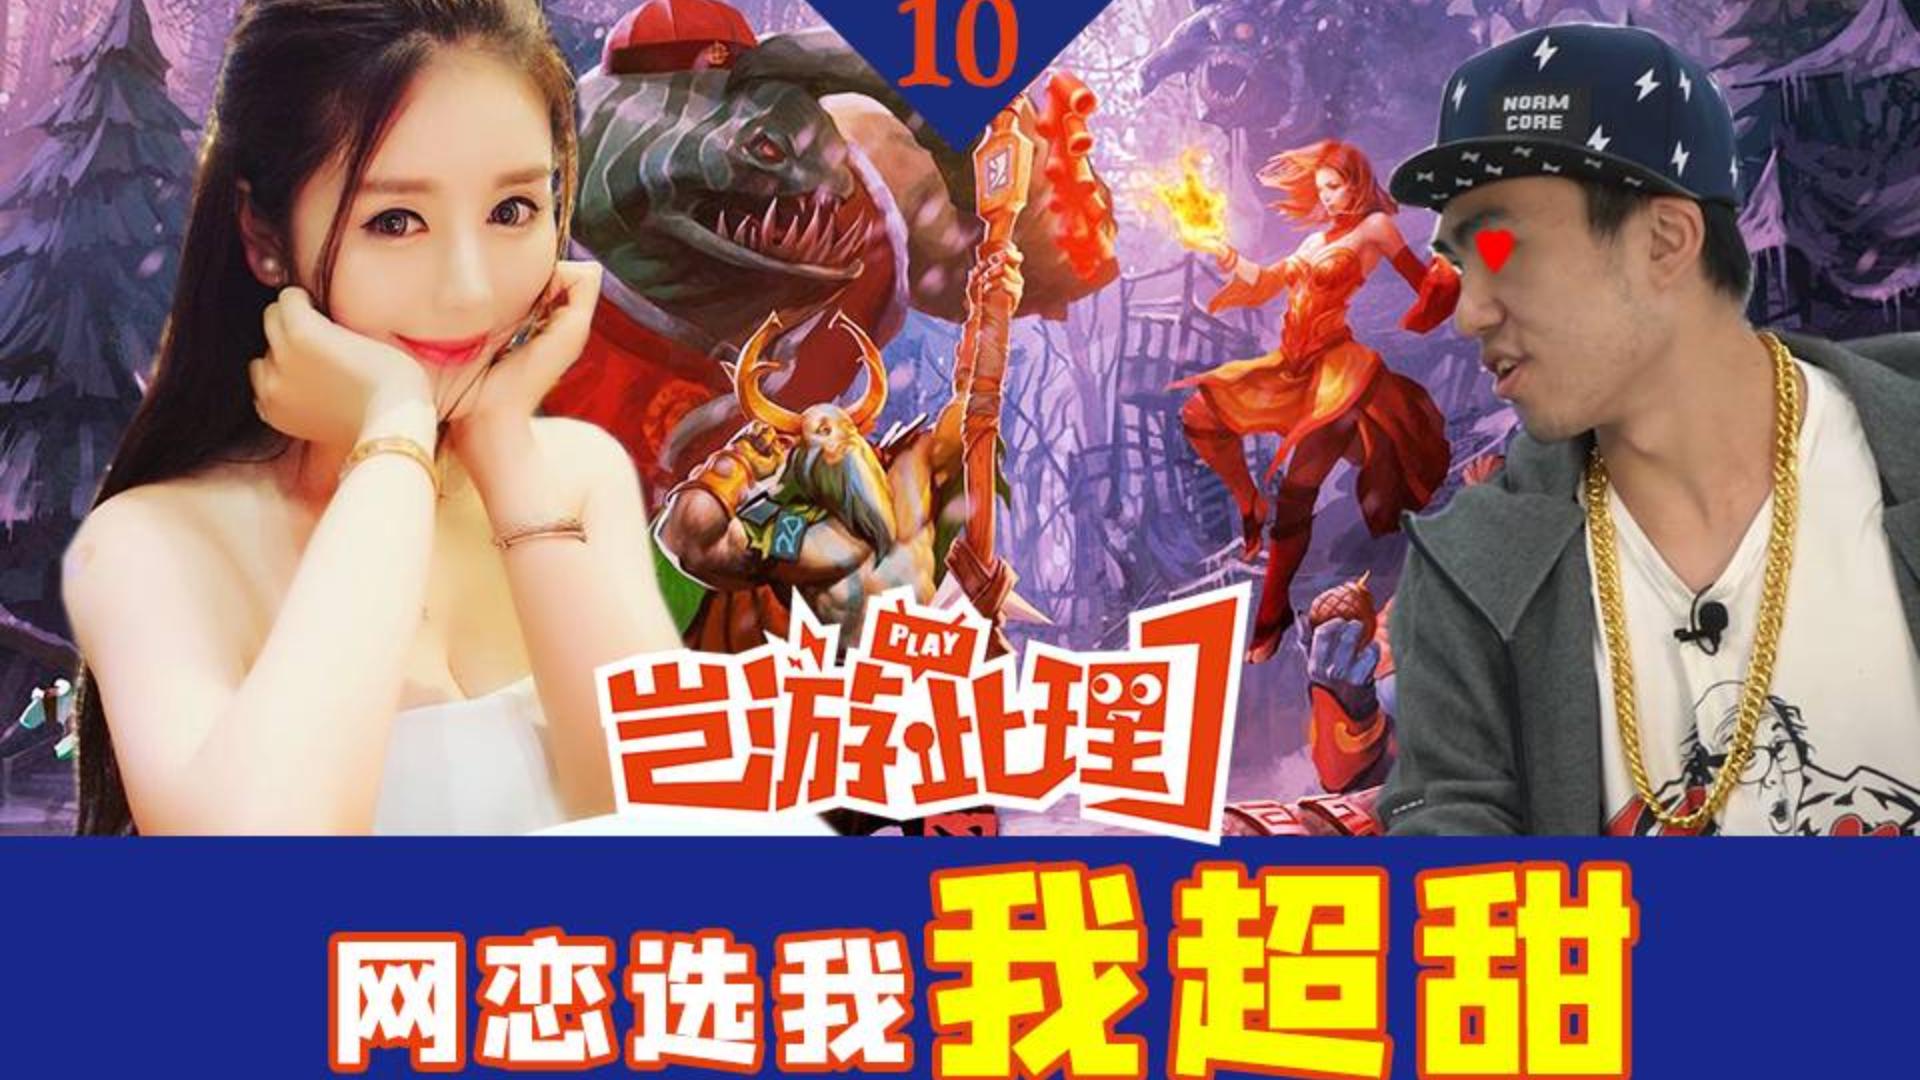 【岂游此理】10女主播微博讨薪 大公司花式裁员